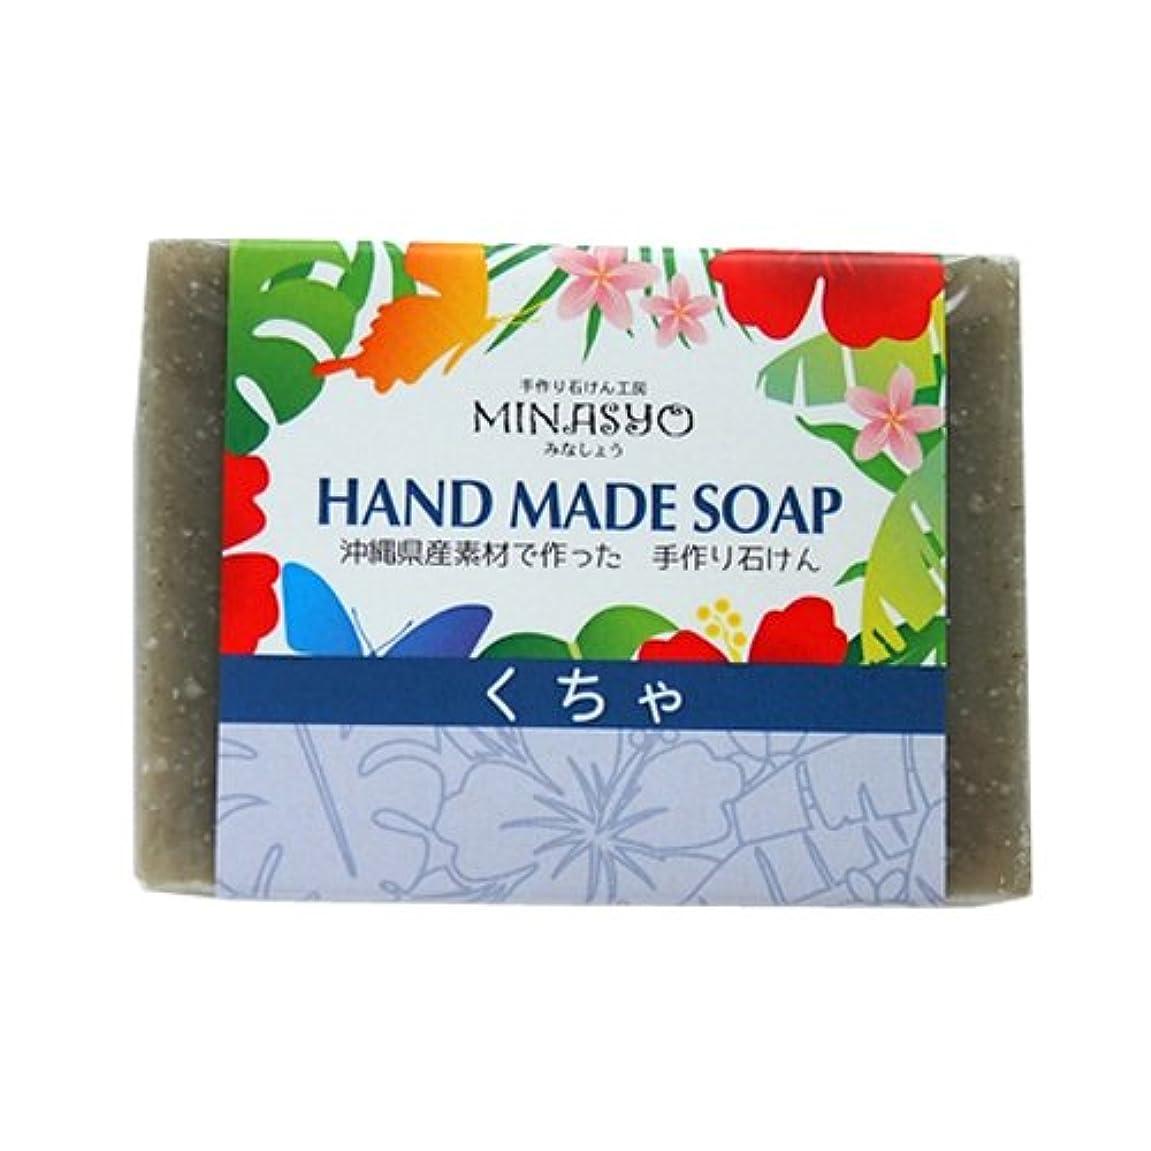 洗顔石鹸 毛穴ケア メンズ 無添加 固形 くちゃパック 手作りくちゃ石鹸